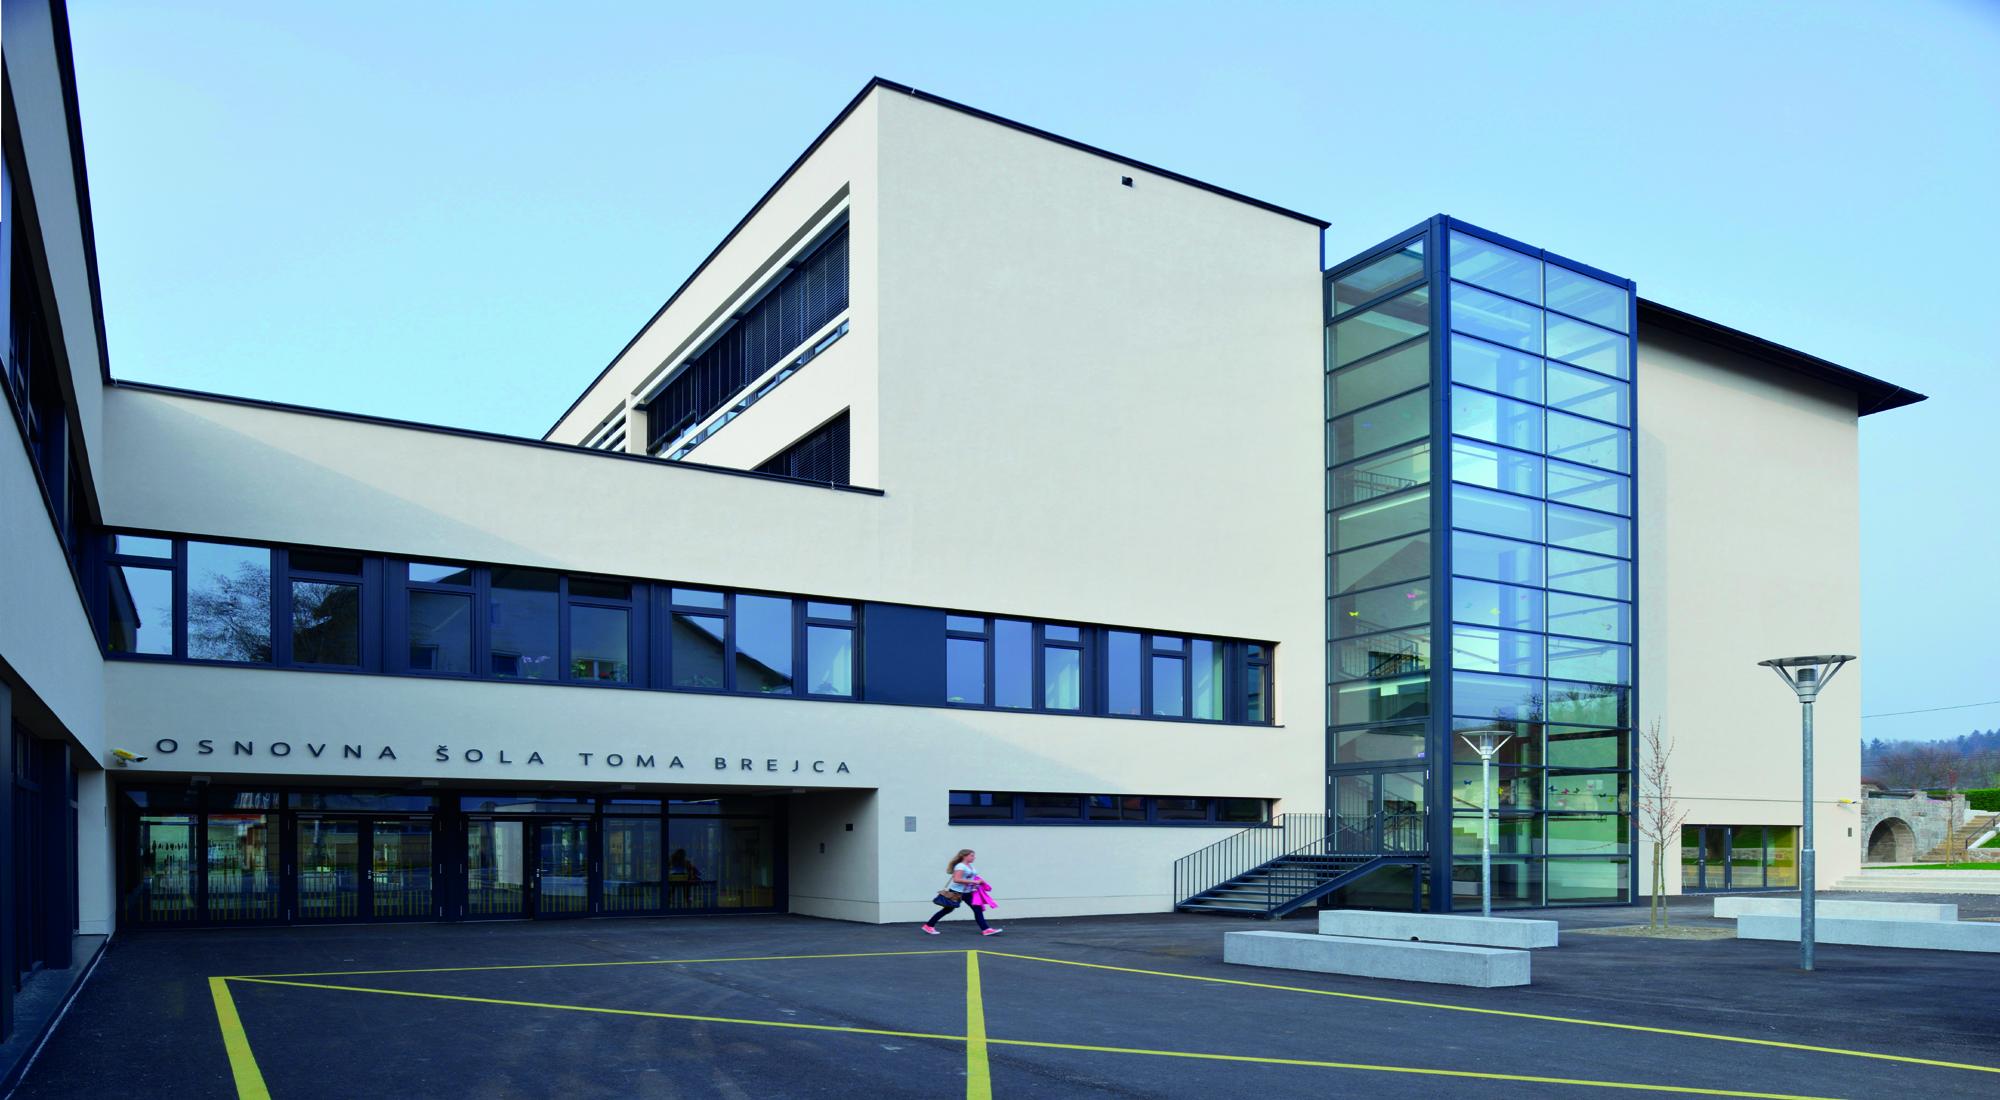 Şcoală Primară Toma Brejca